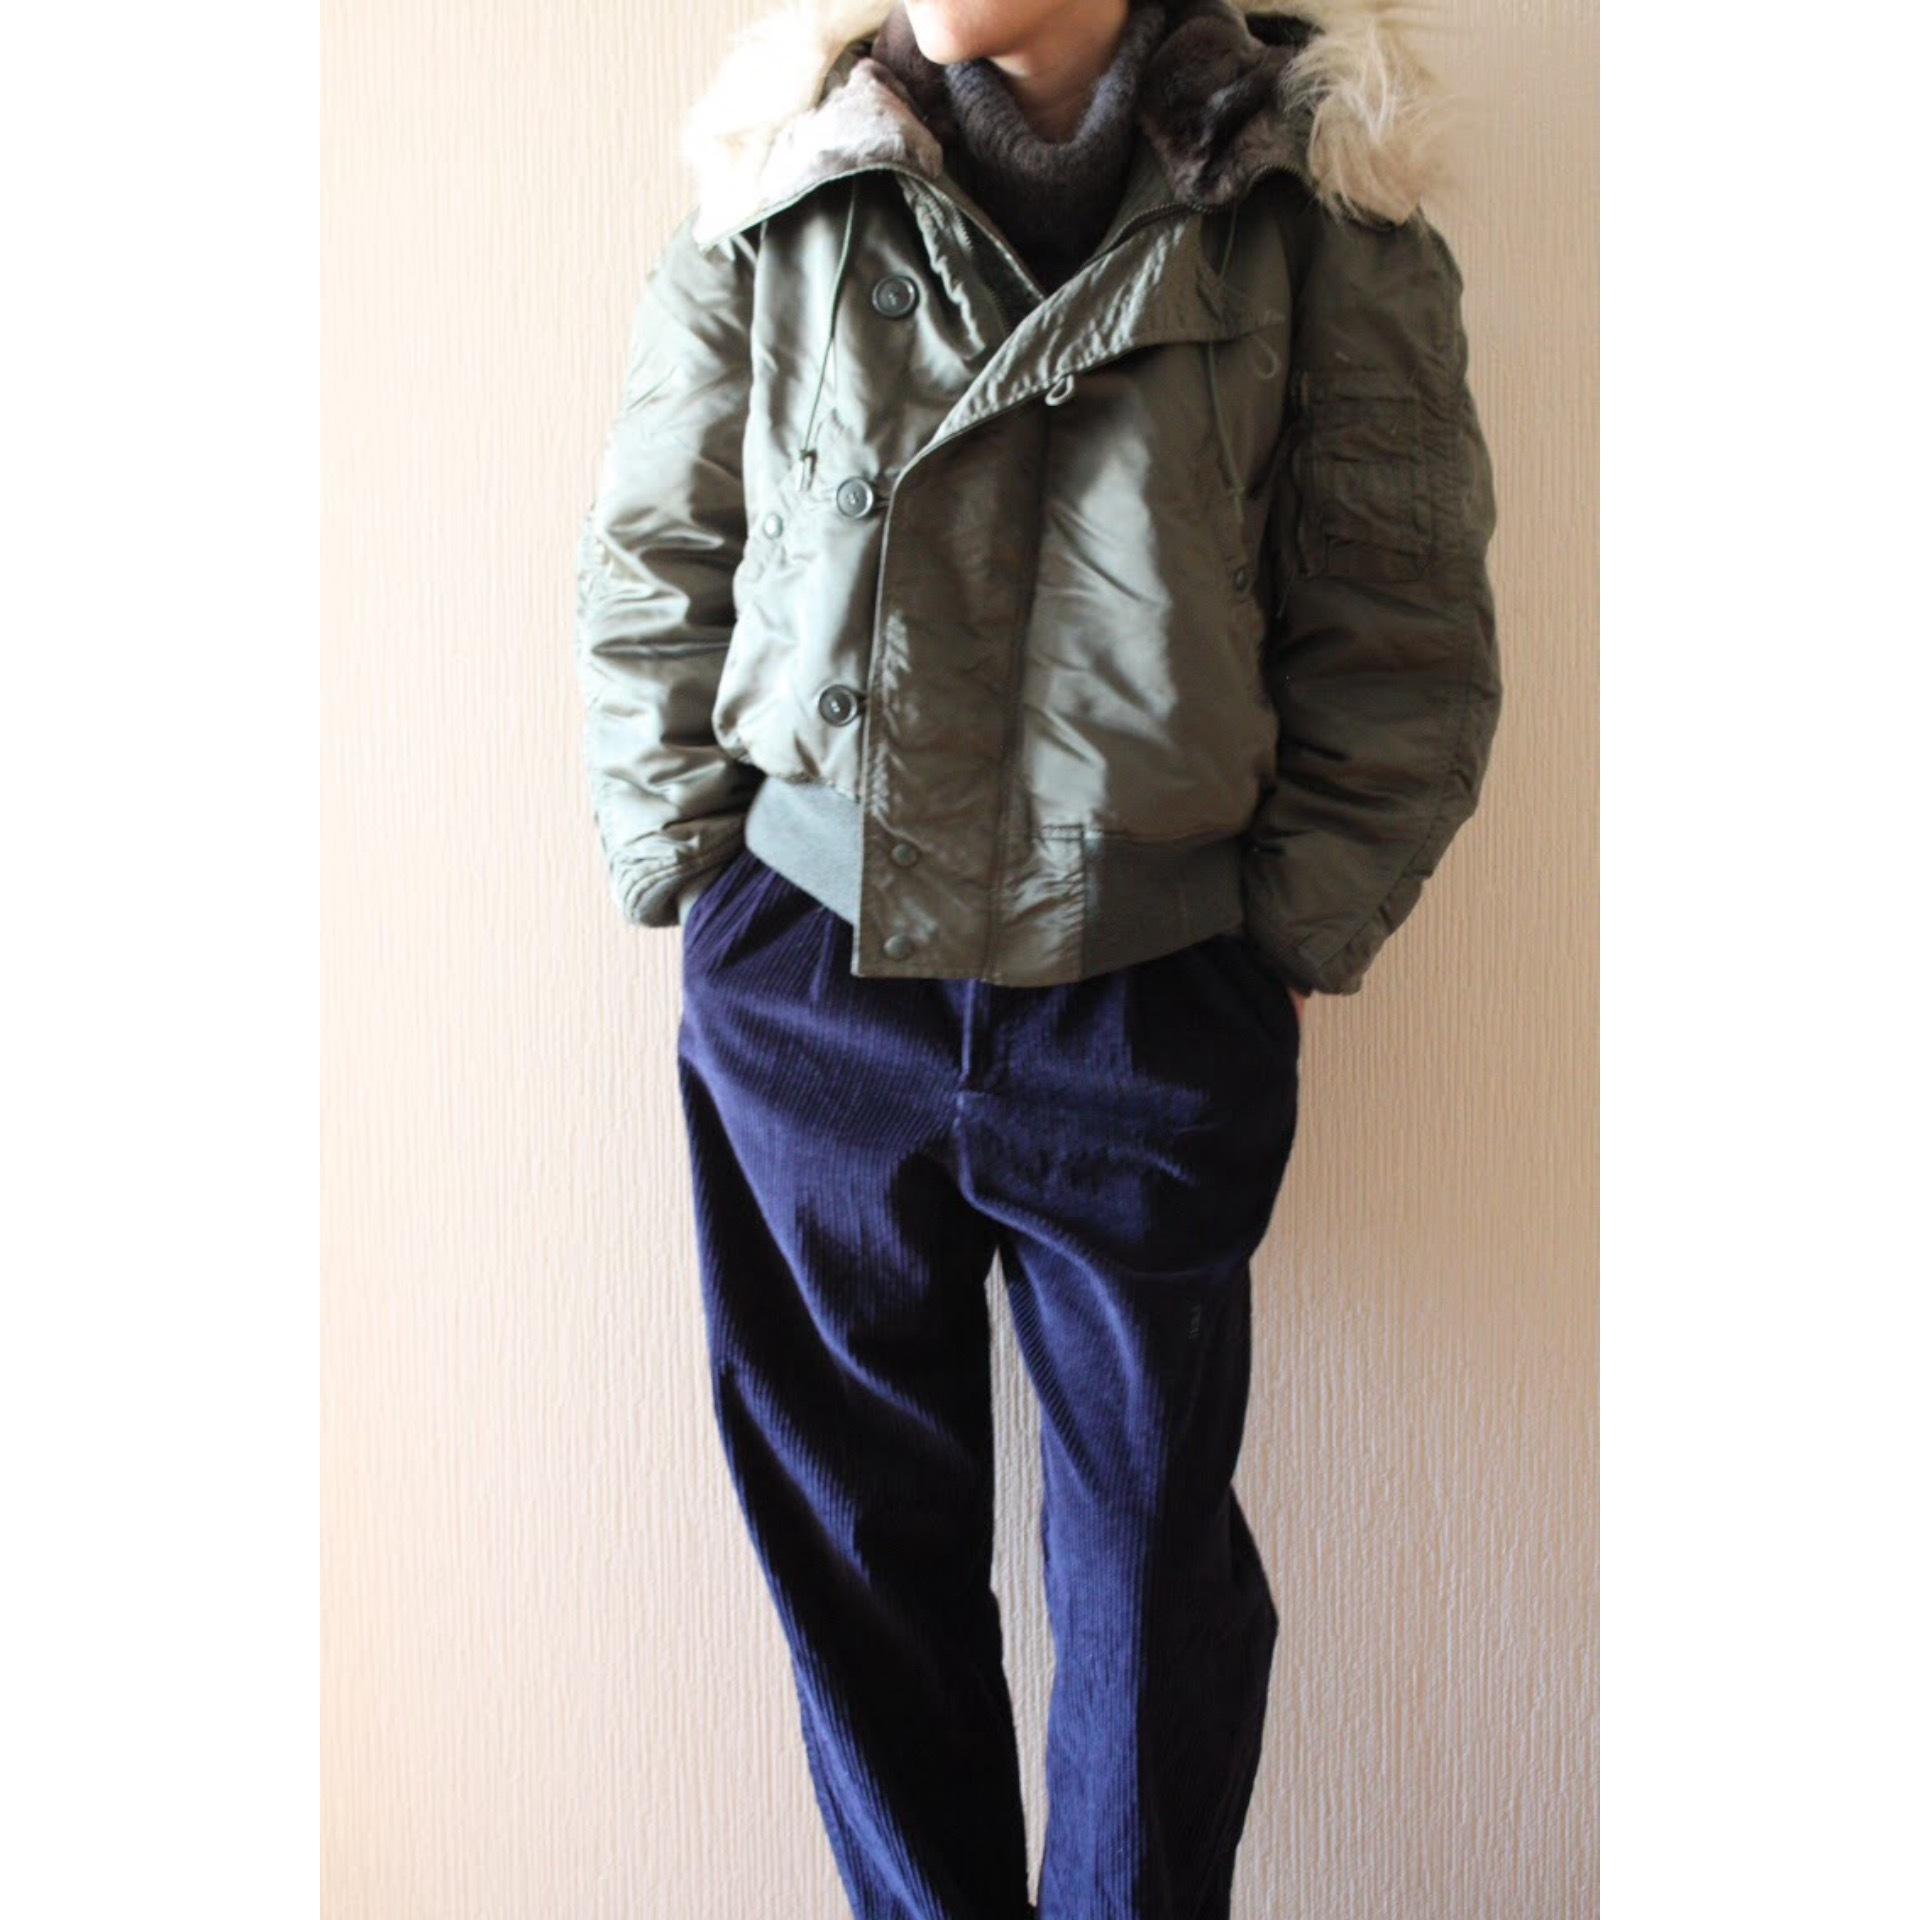 Vintage N-2B flight jacket